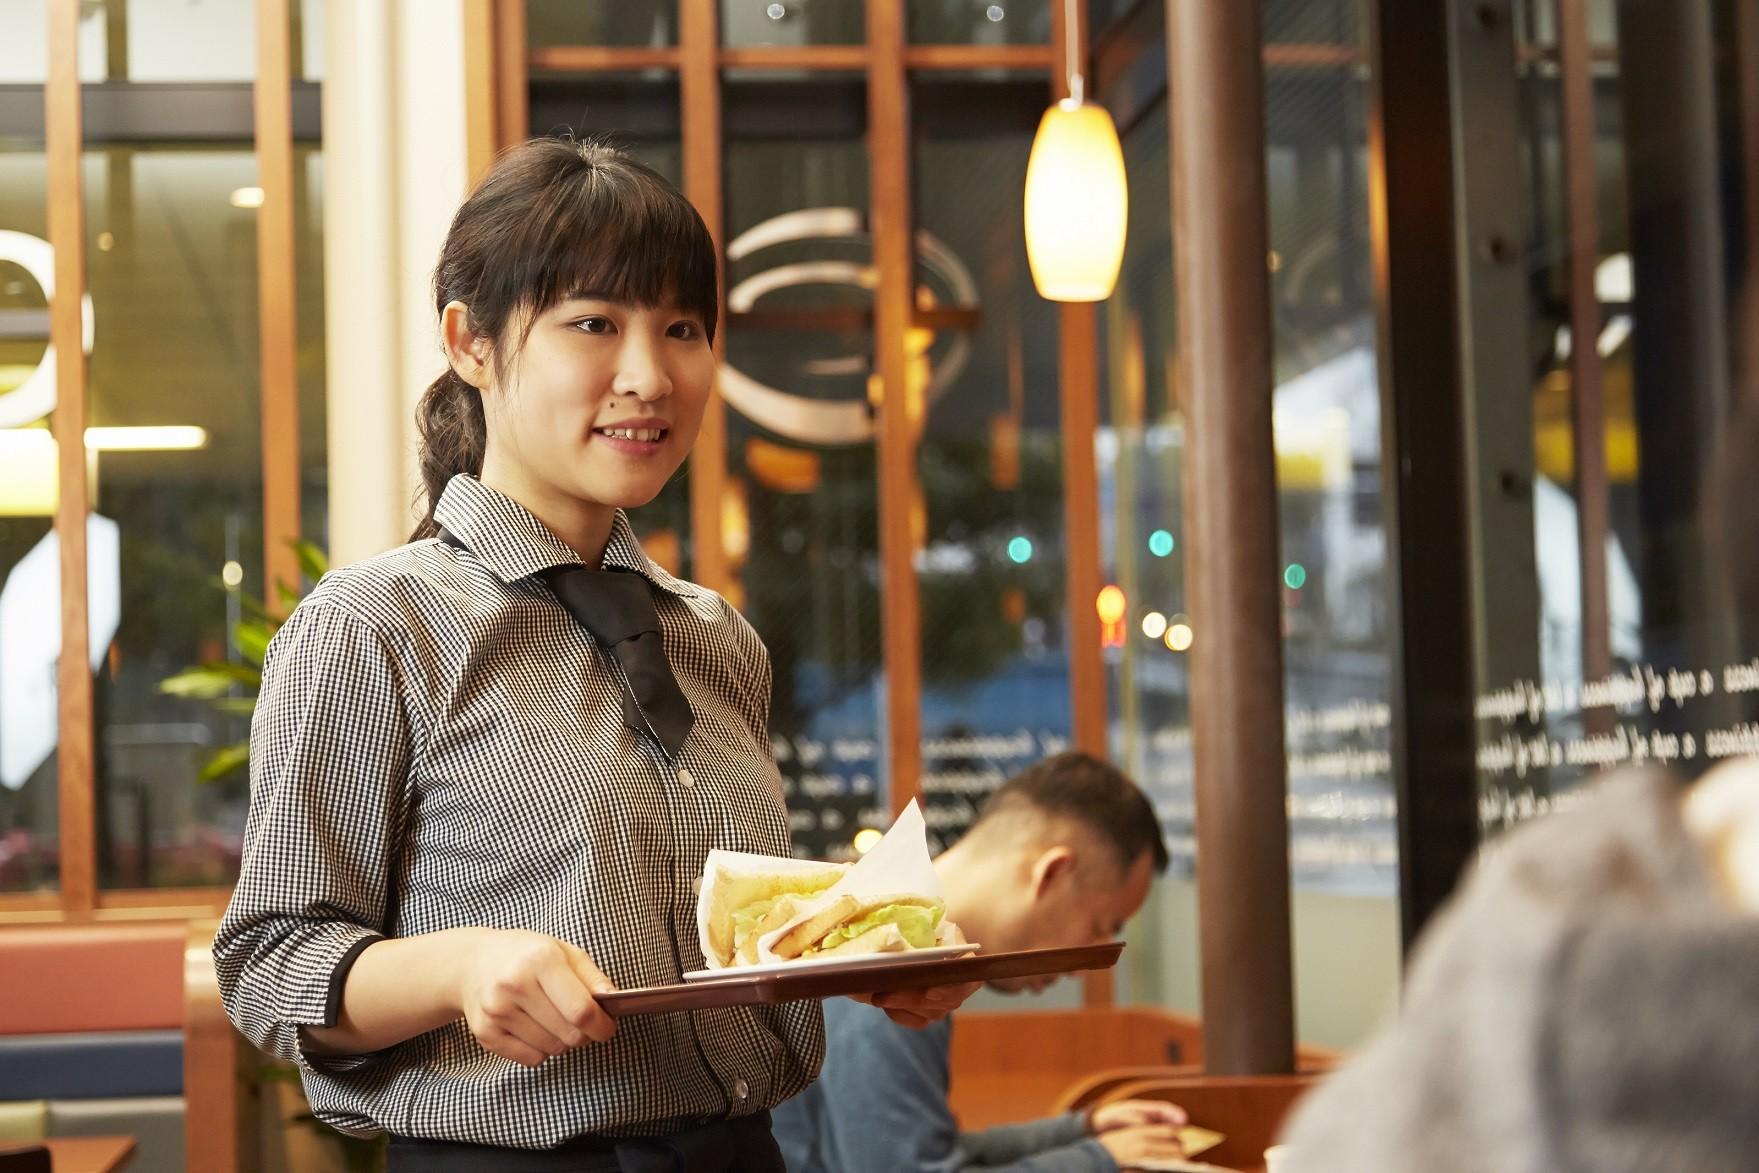 CAFE de CRIE(カフェ・ド・クリエ) 四国こどもとおとなの医療センター のアルバイト情報